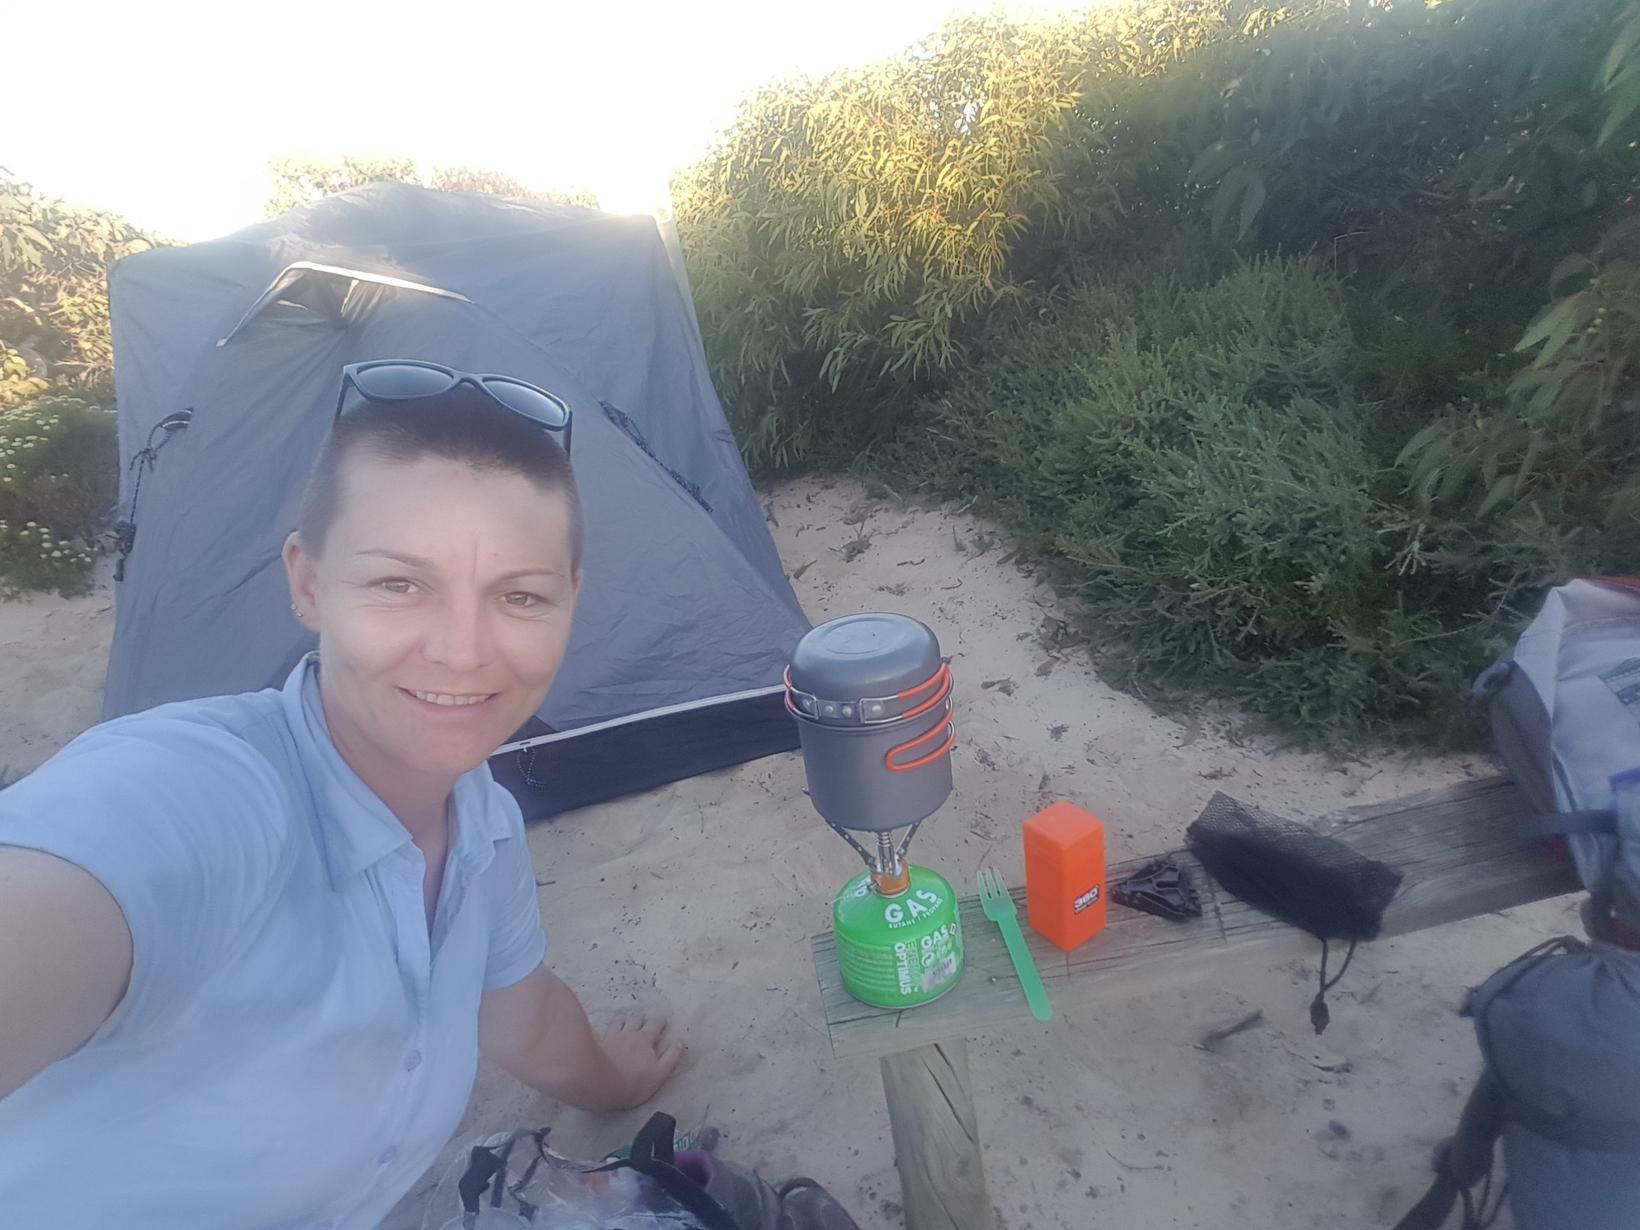 Bonnee from Adelaide, South Australia, Australia